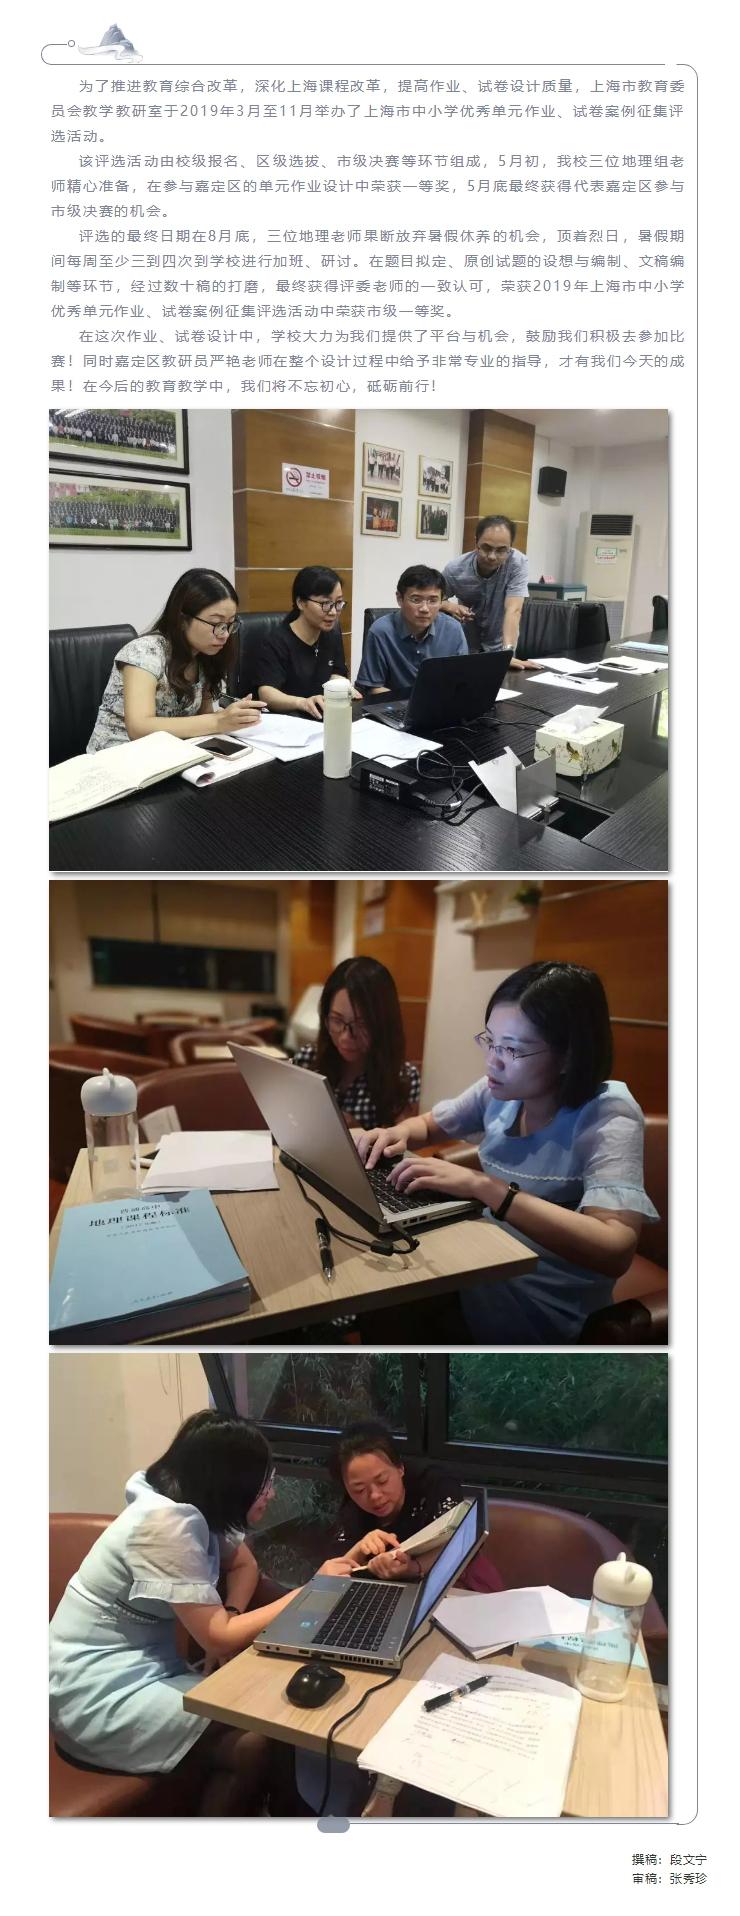 我校地理组在2019年上海市中小学优秀单元作业、试卷案例征集评选活动中荣获市级一等奖_20191102192928.jpg